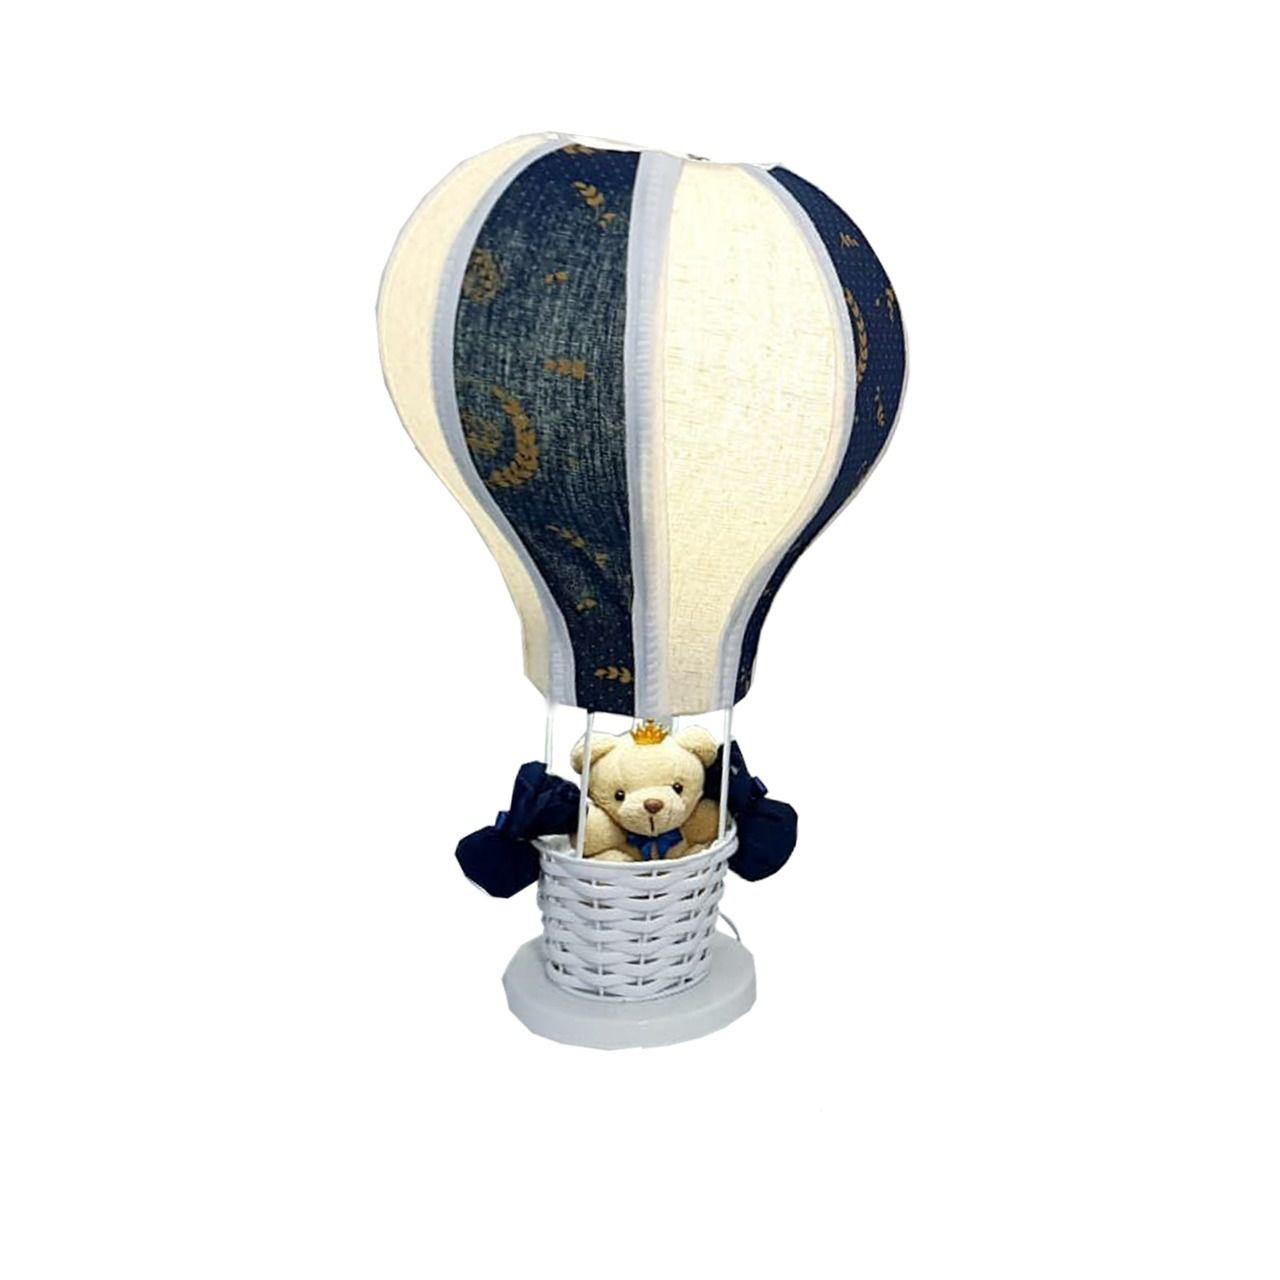 quadro maternidade combo abajur balão bandeja 3 potes tudo combinando com desconto